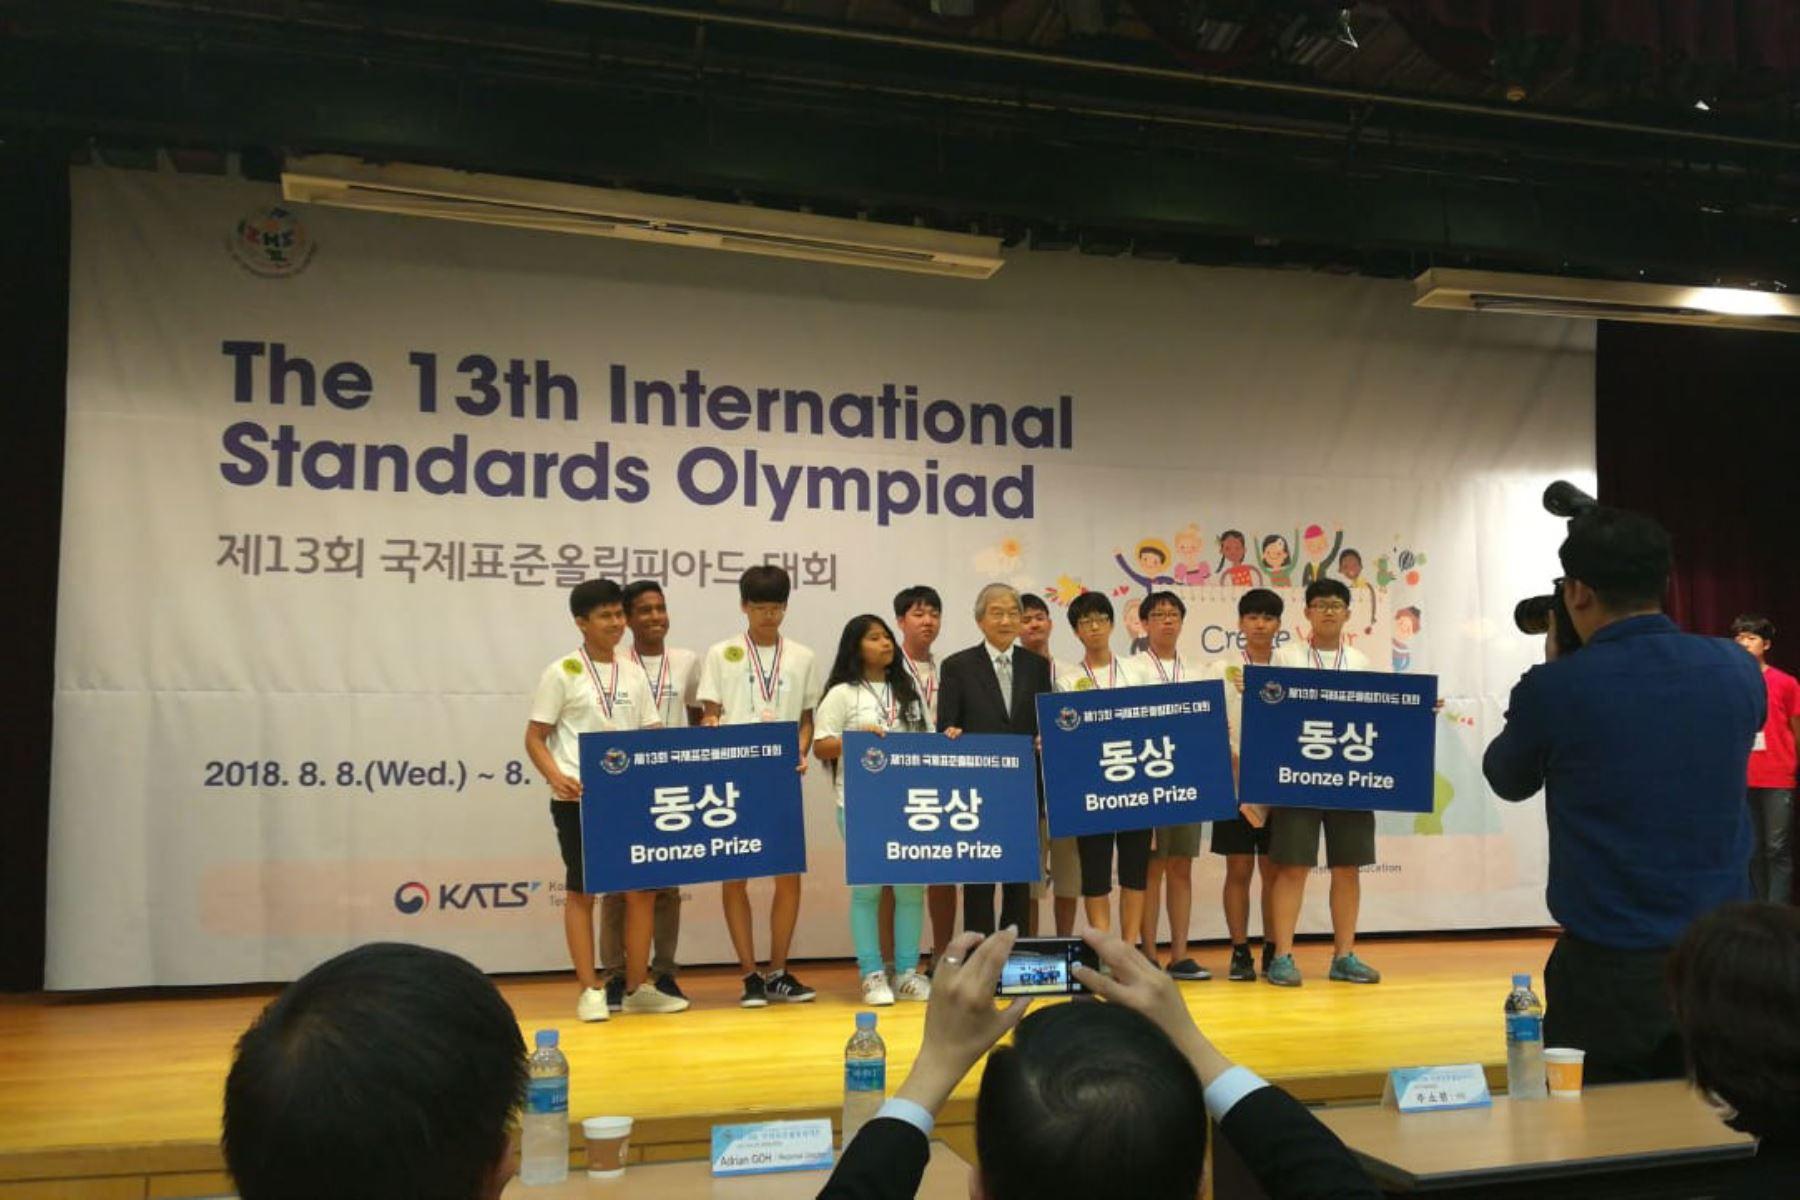 Escolares del Coar Lambayeque triunfan en Corea del Sur y logran medalla de bronce en Olimpiada Internacional de Normalización. Foto: ANDINA/Difusión.